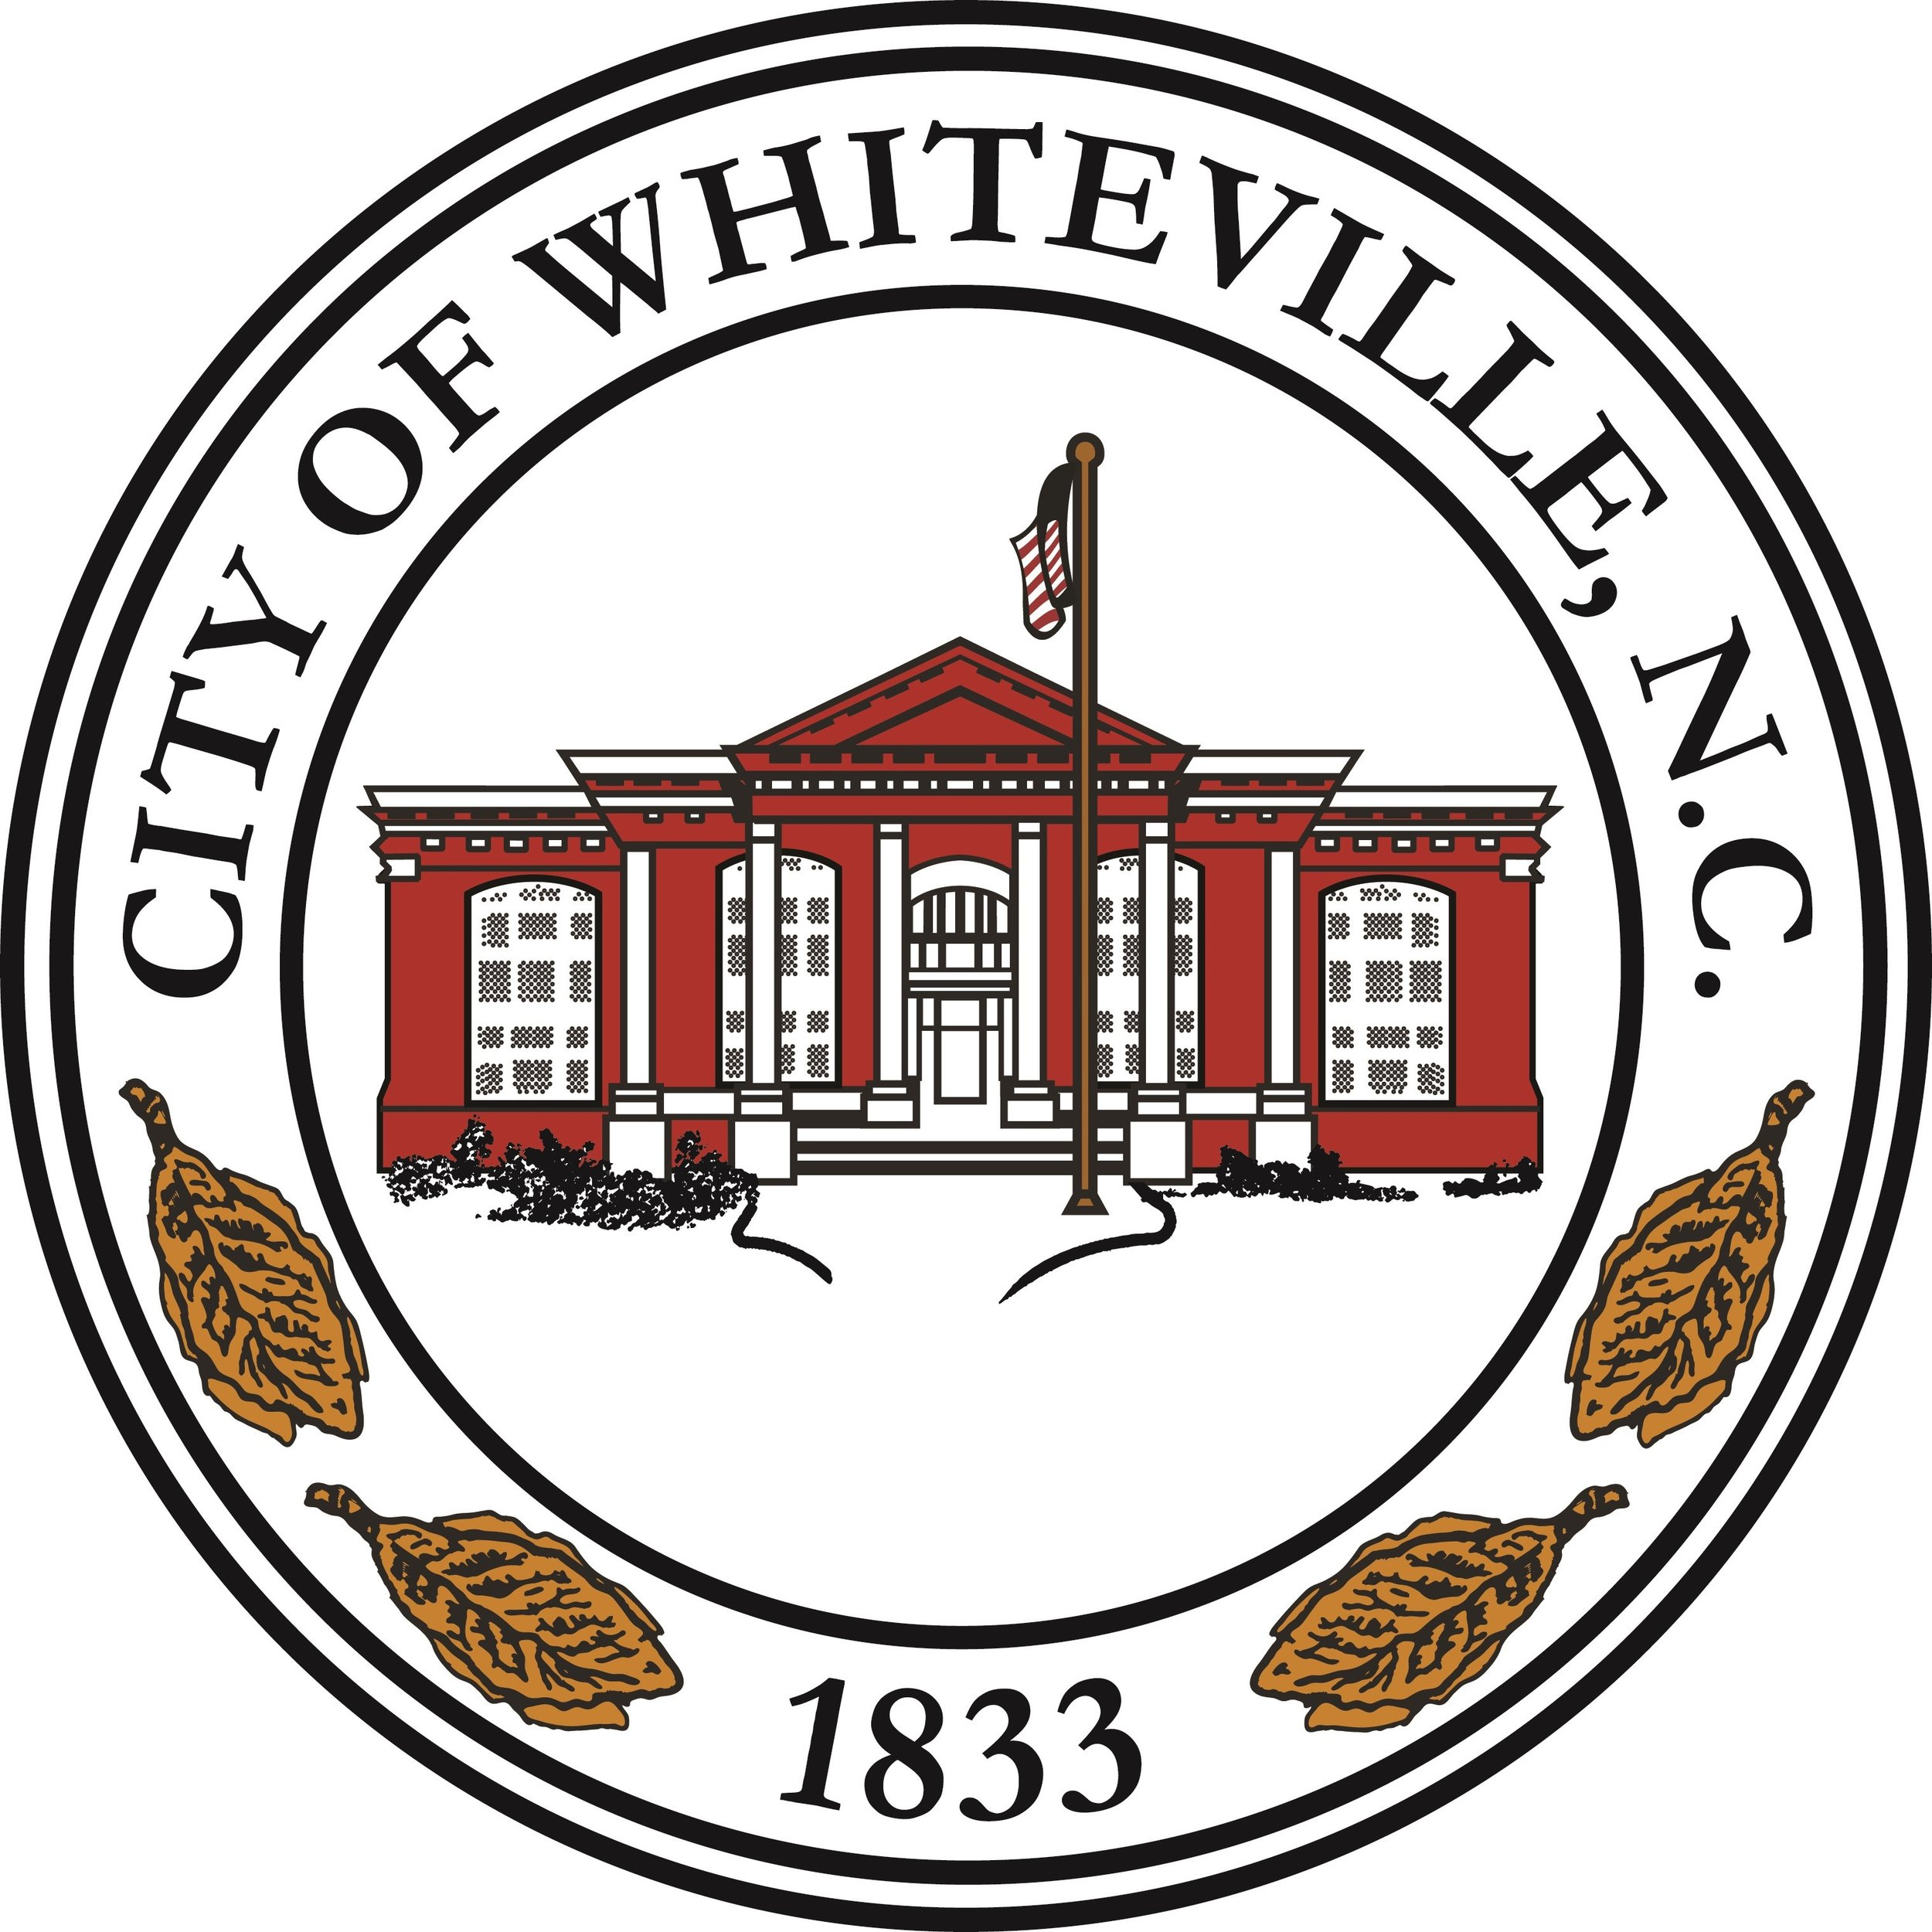 city of whiteville seal.jpg